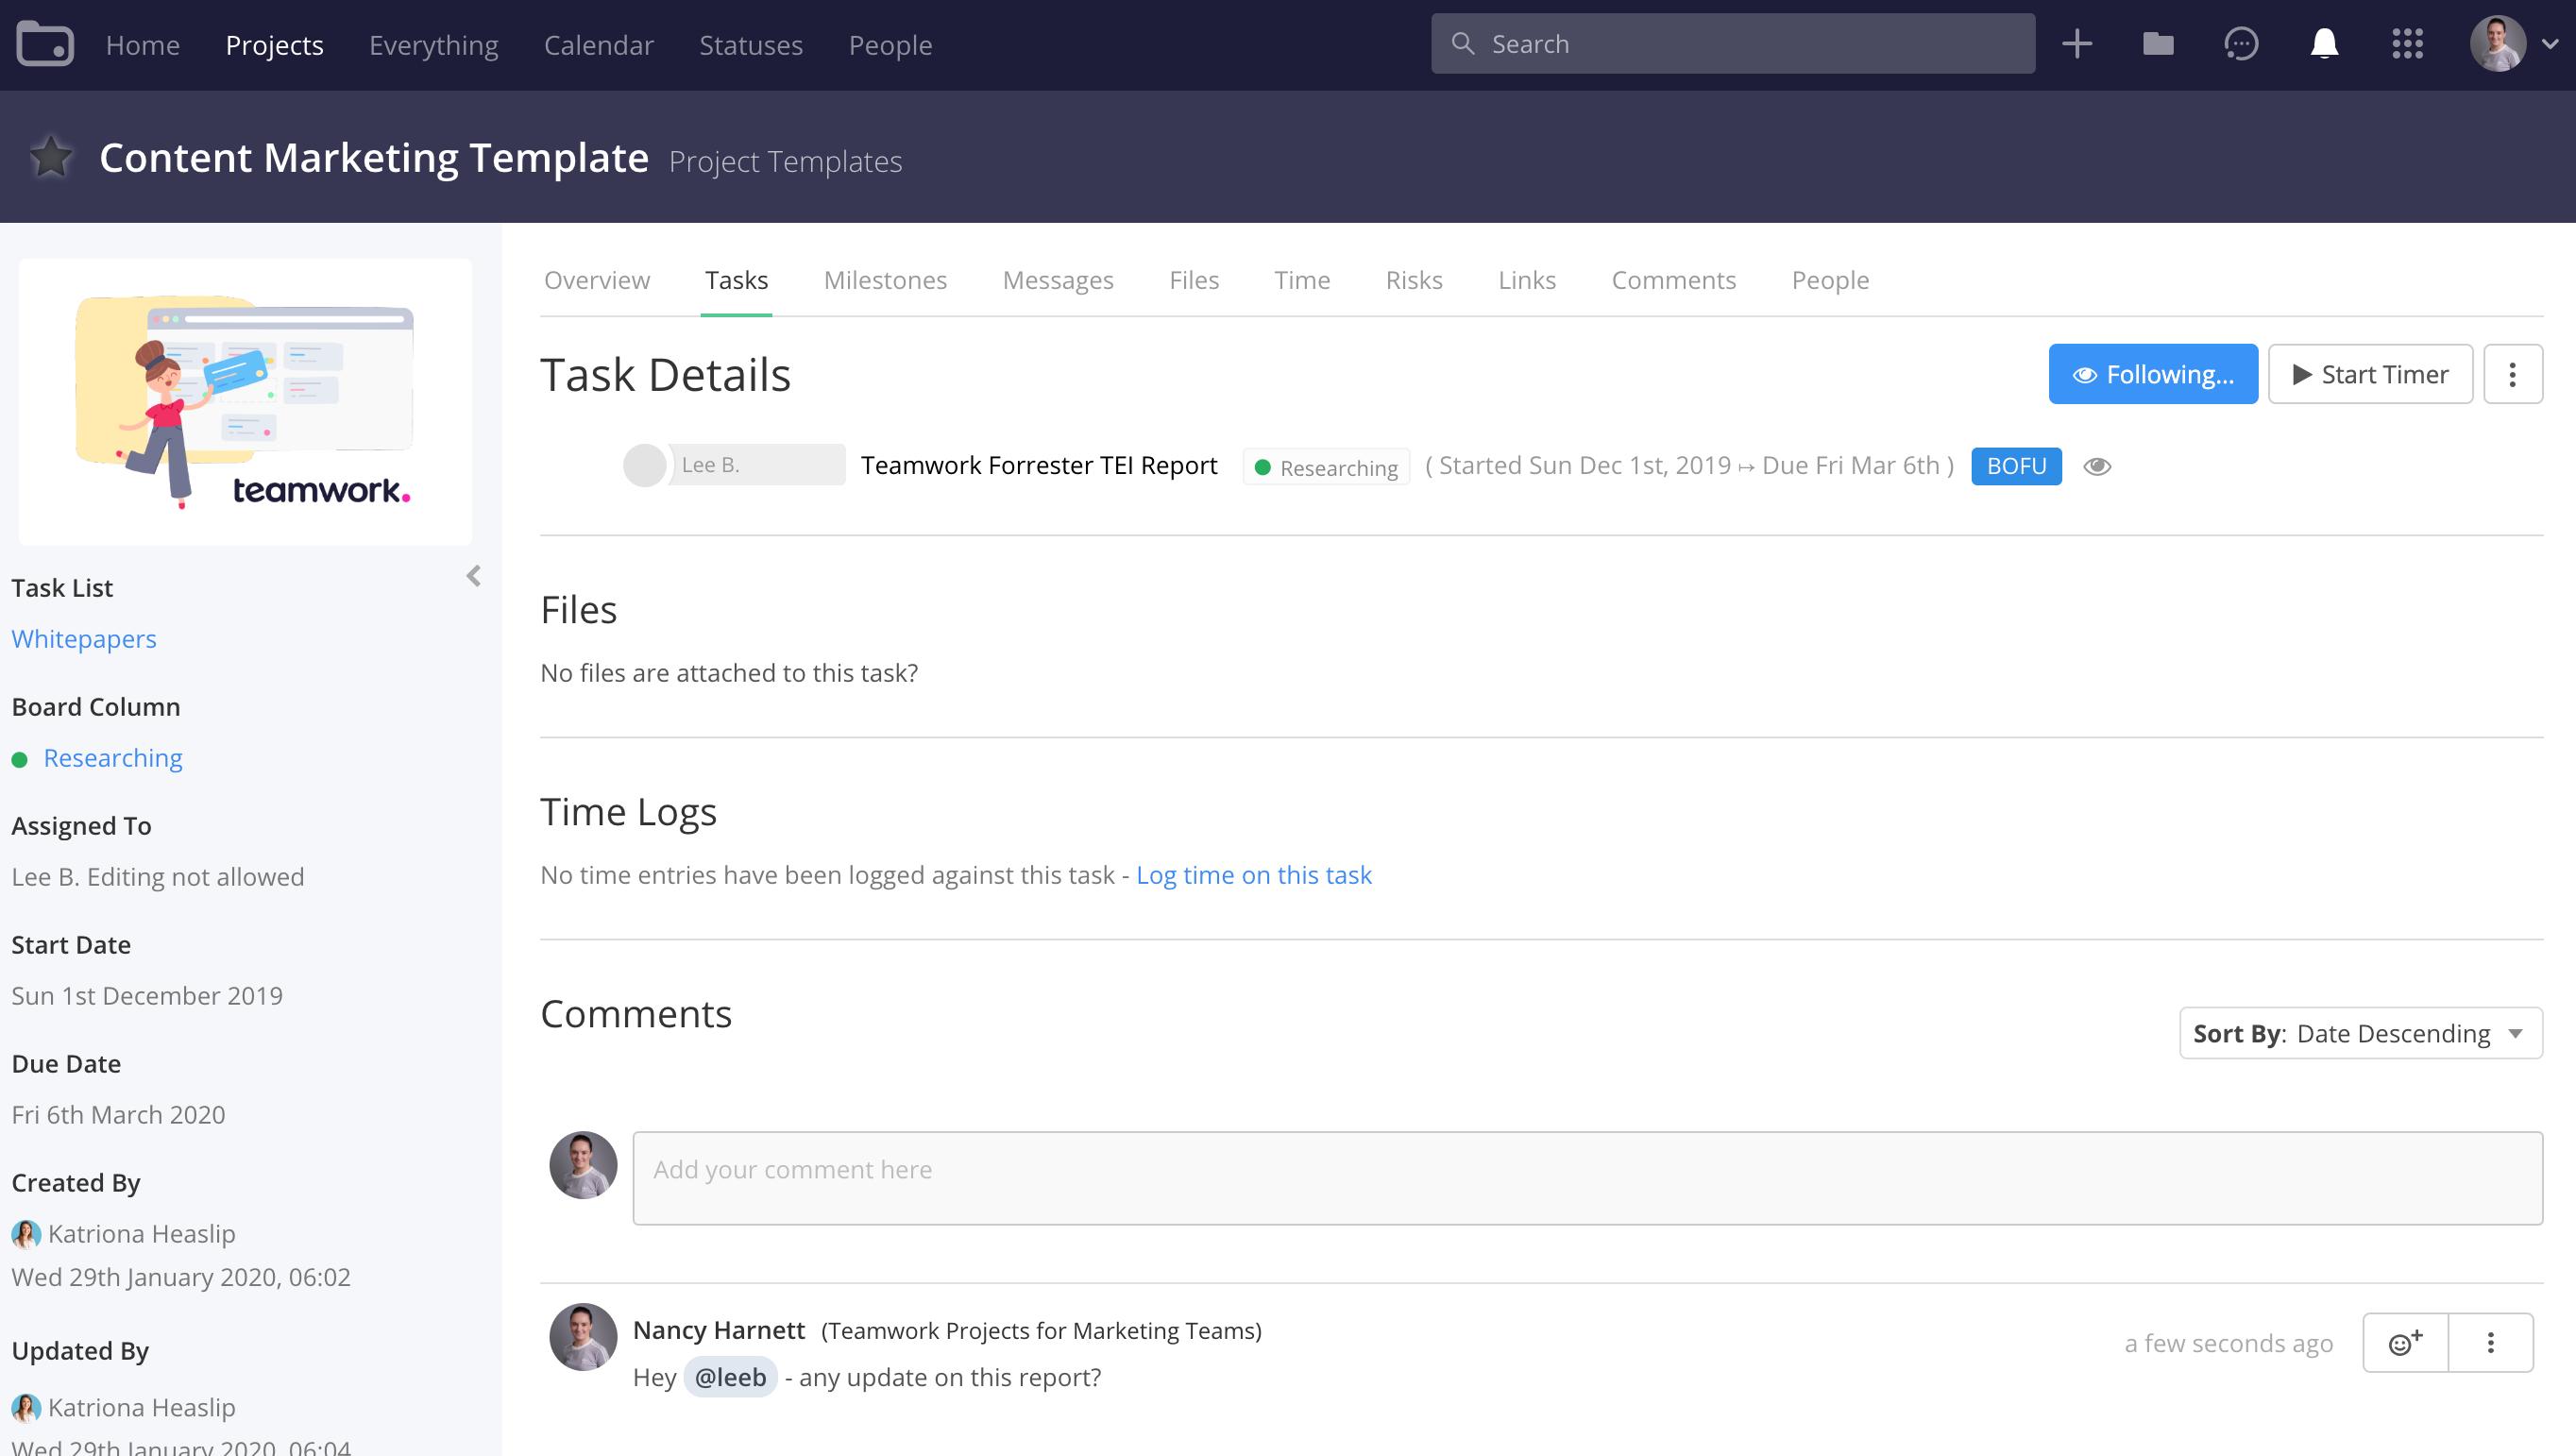 Task Details - Teamwork